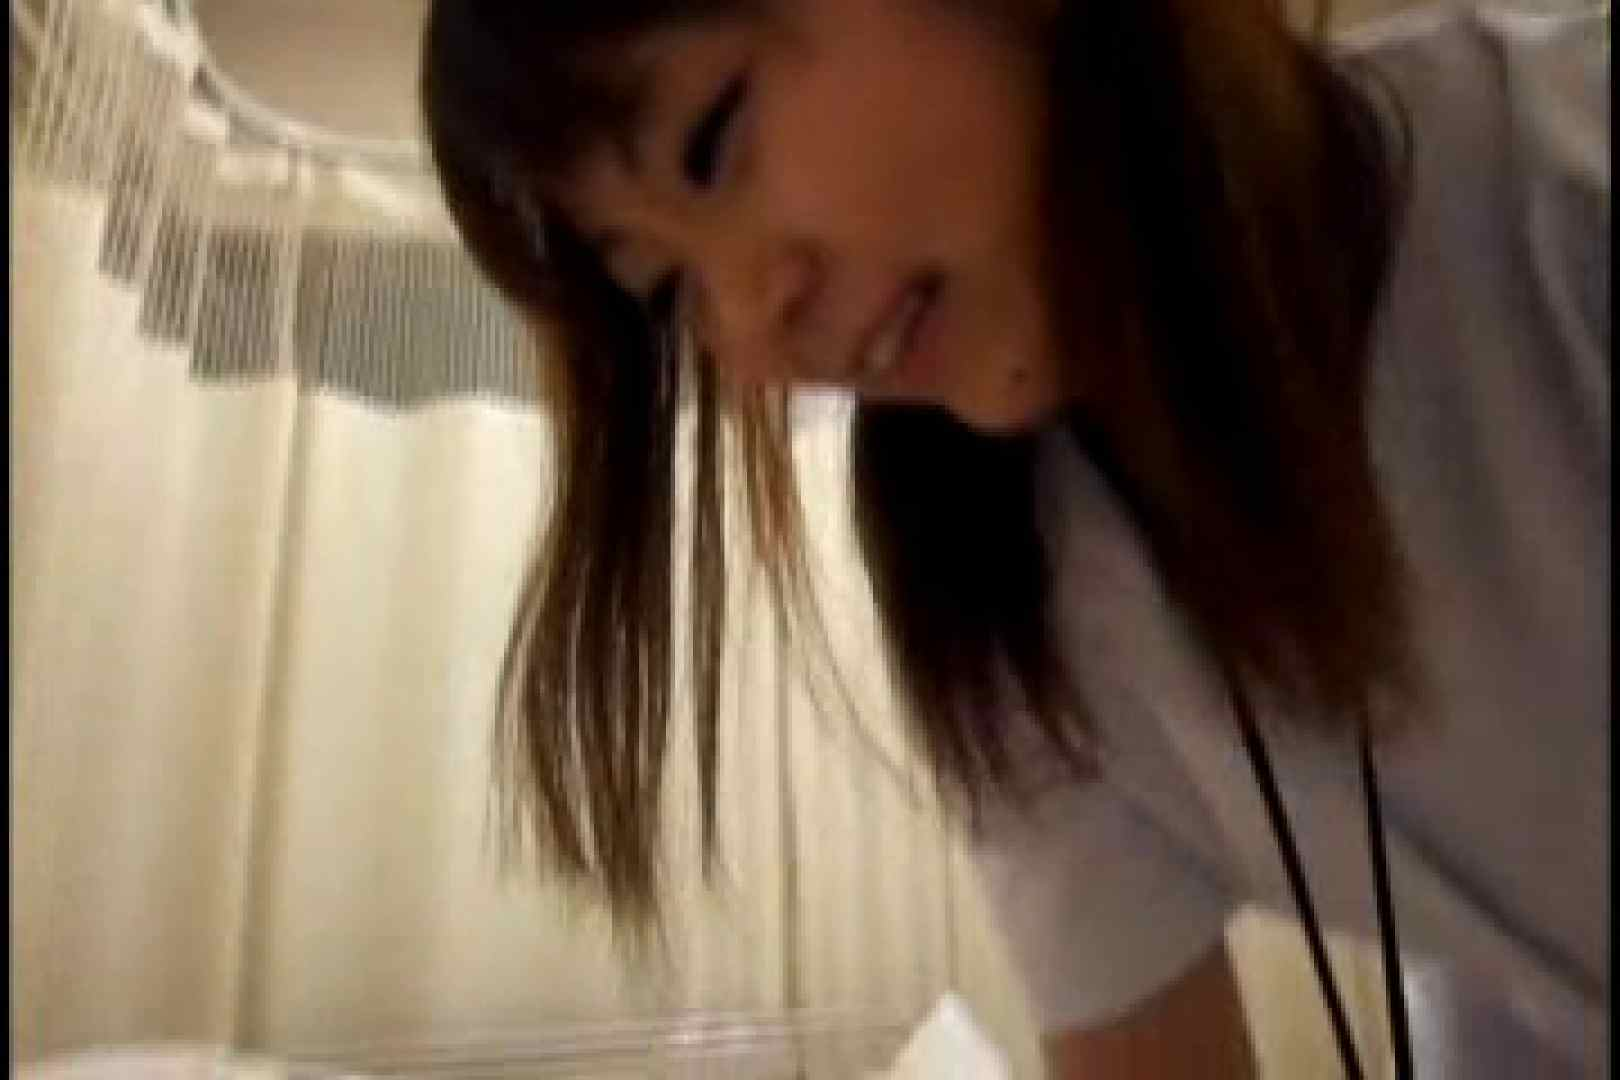 ヤリマンと呼ばれた看護士さんvol1 OL裸体 | シックスナイン  61画像 38